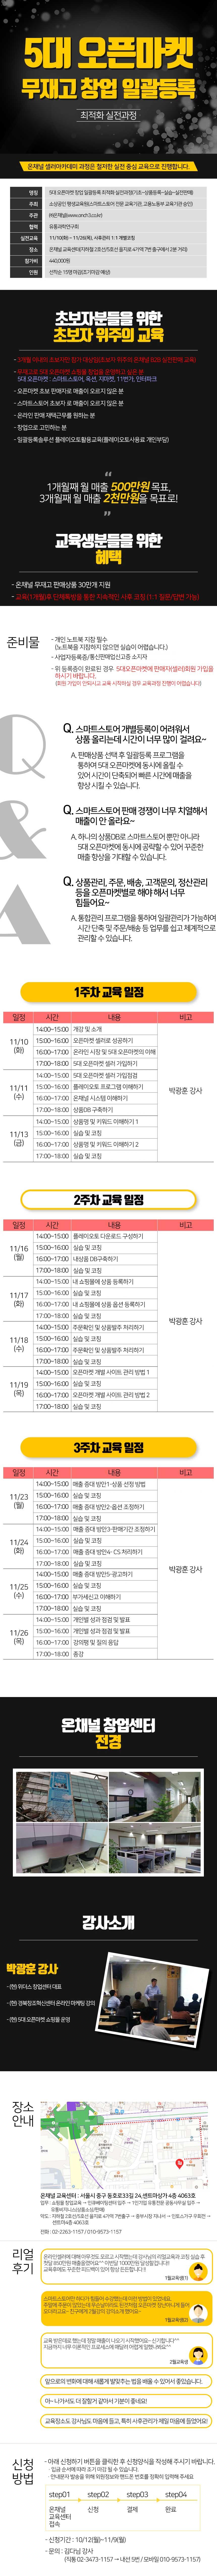 201012_5대오픈마켓_11월 개강 최종.jpg